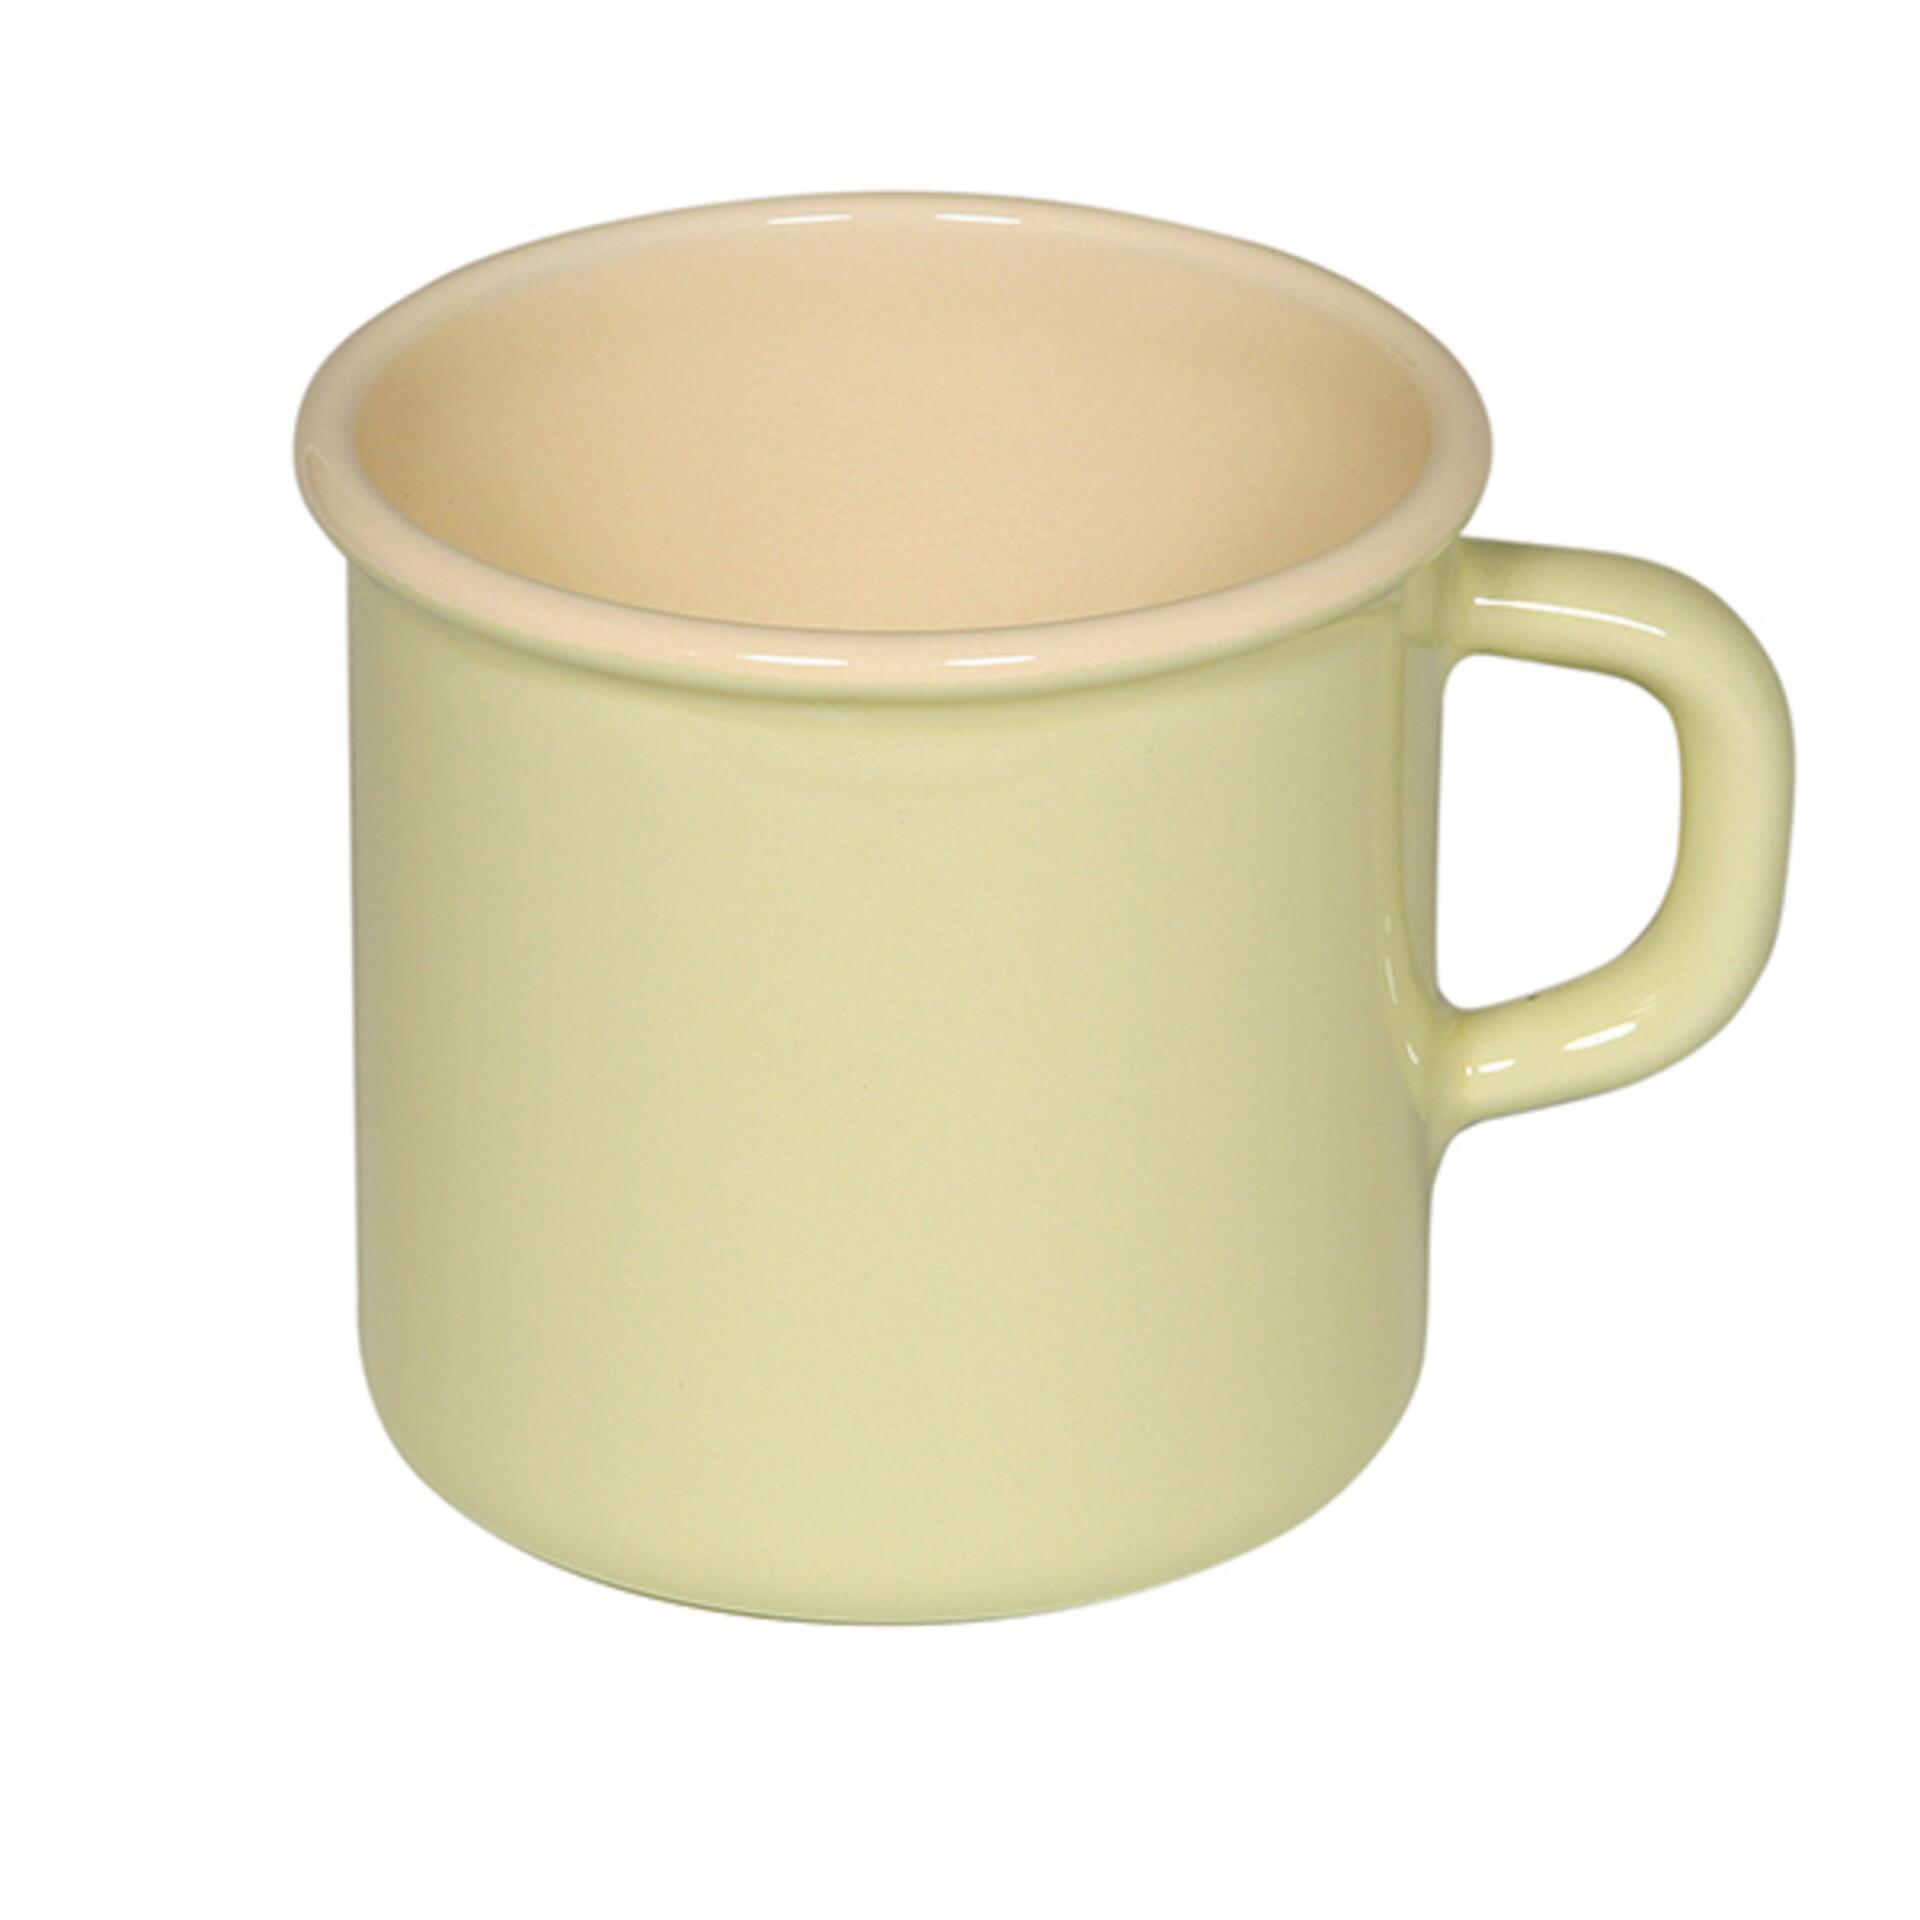 Topf mit Bördel Gelb 8 cm 0,4 l